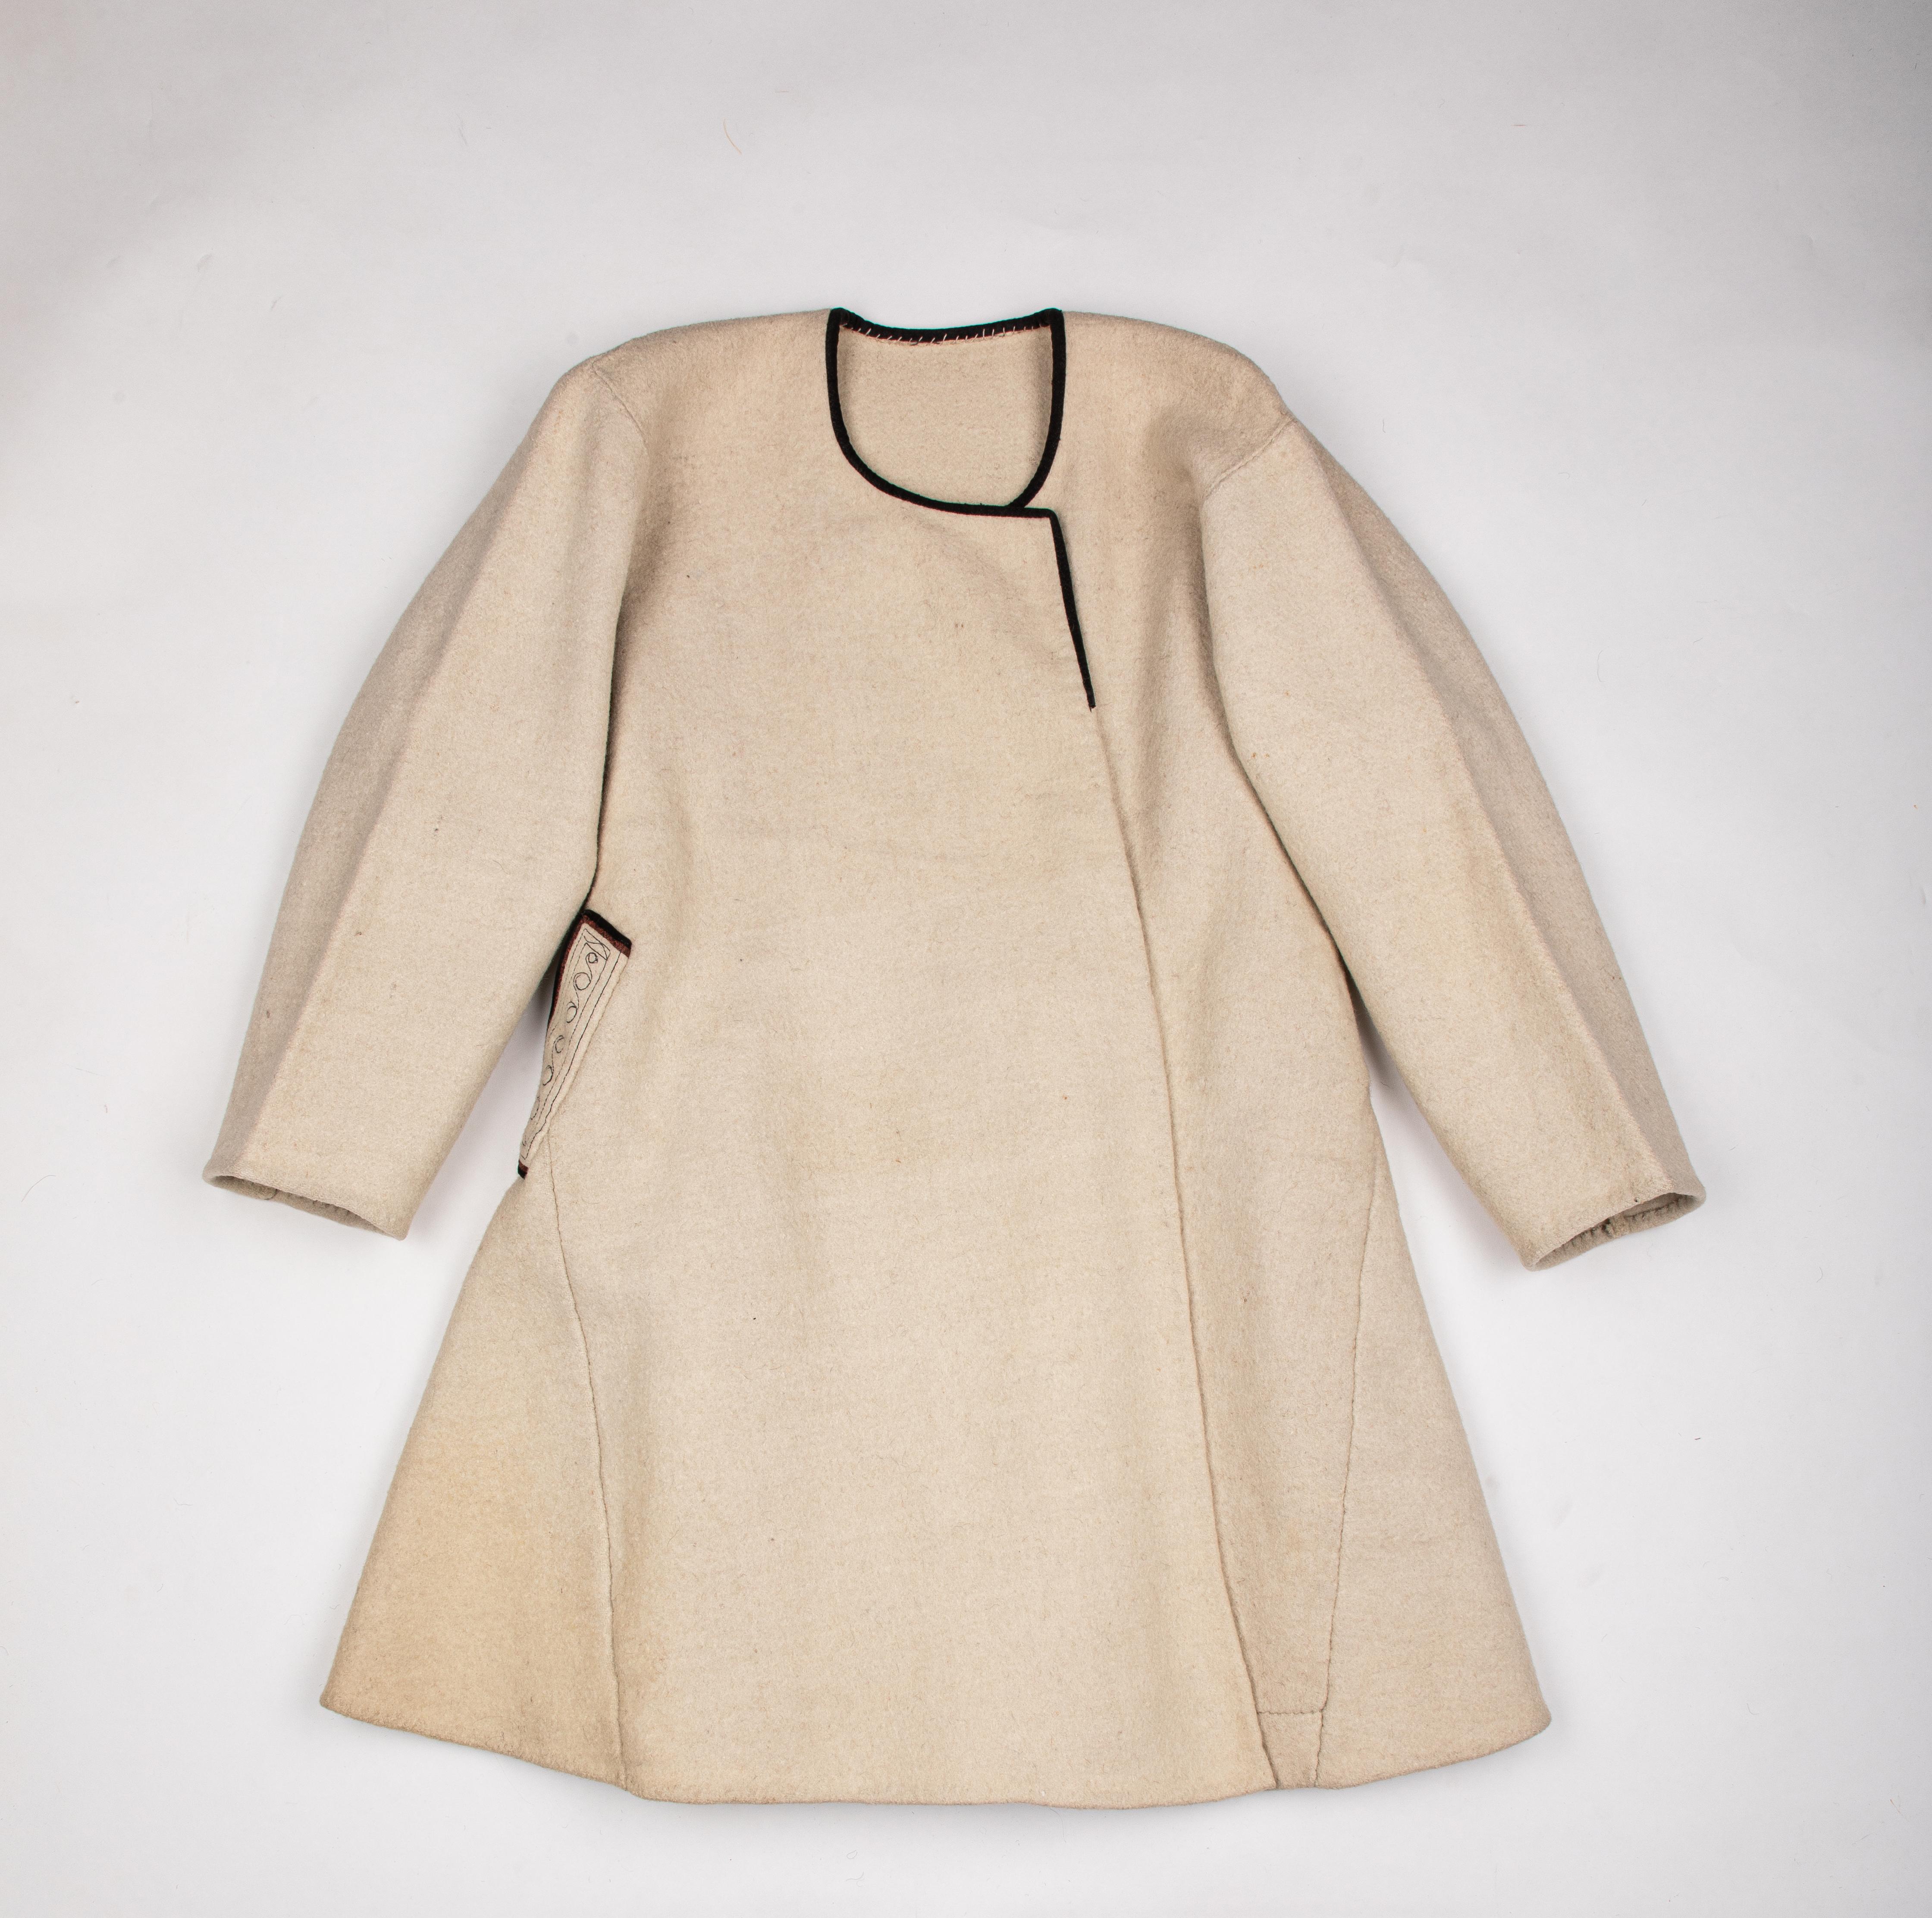 Верхній традиційний одяг з домотканого грубого сукна сірого, білого або брунатного кольору, відомий в Україні з ХІІІ століття.